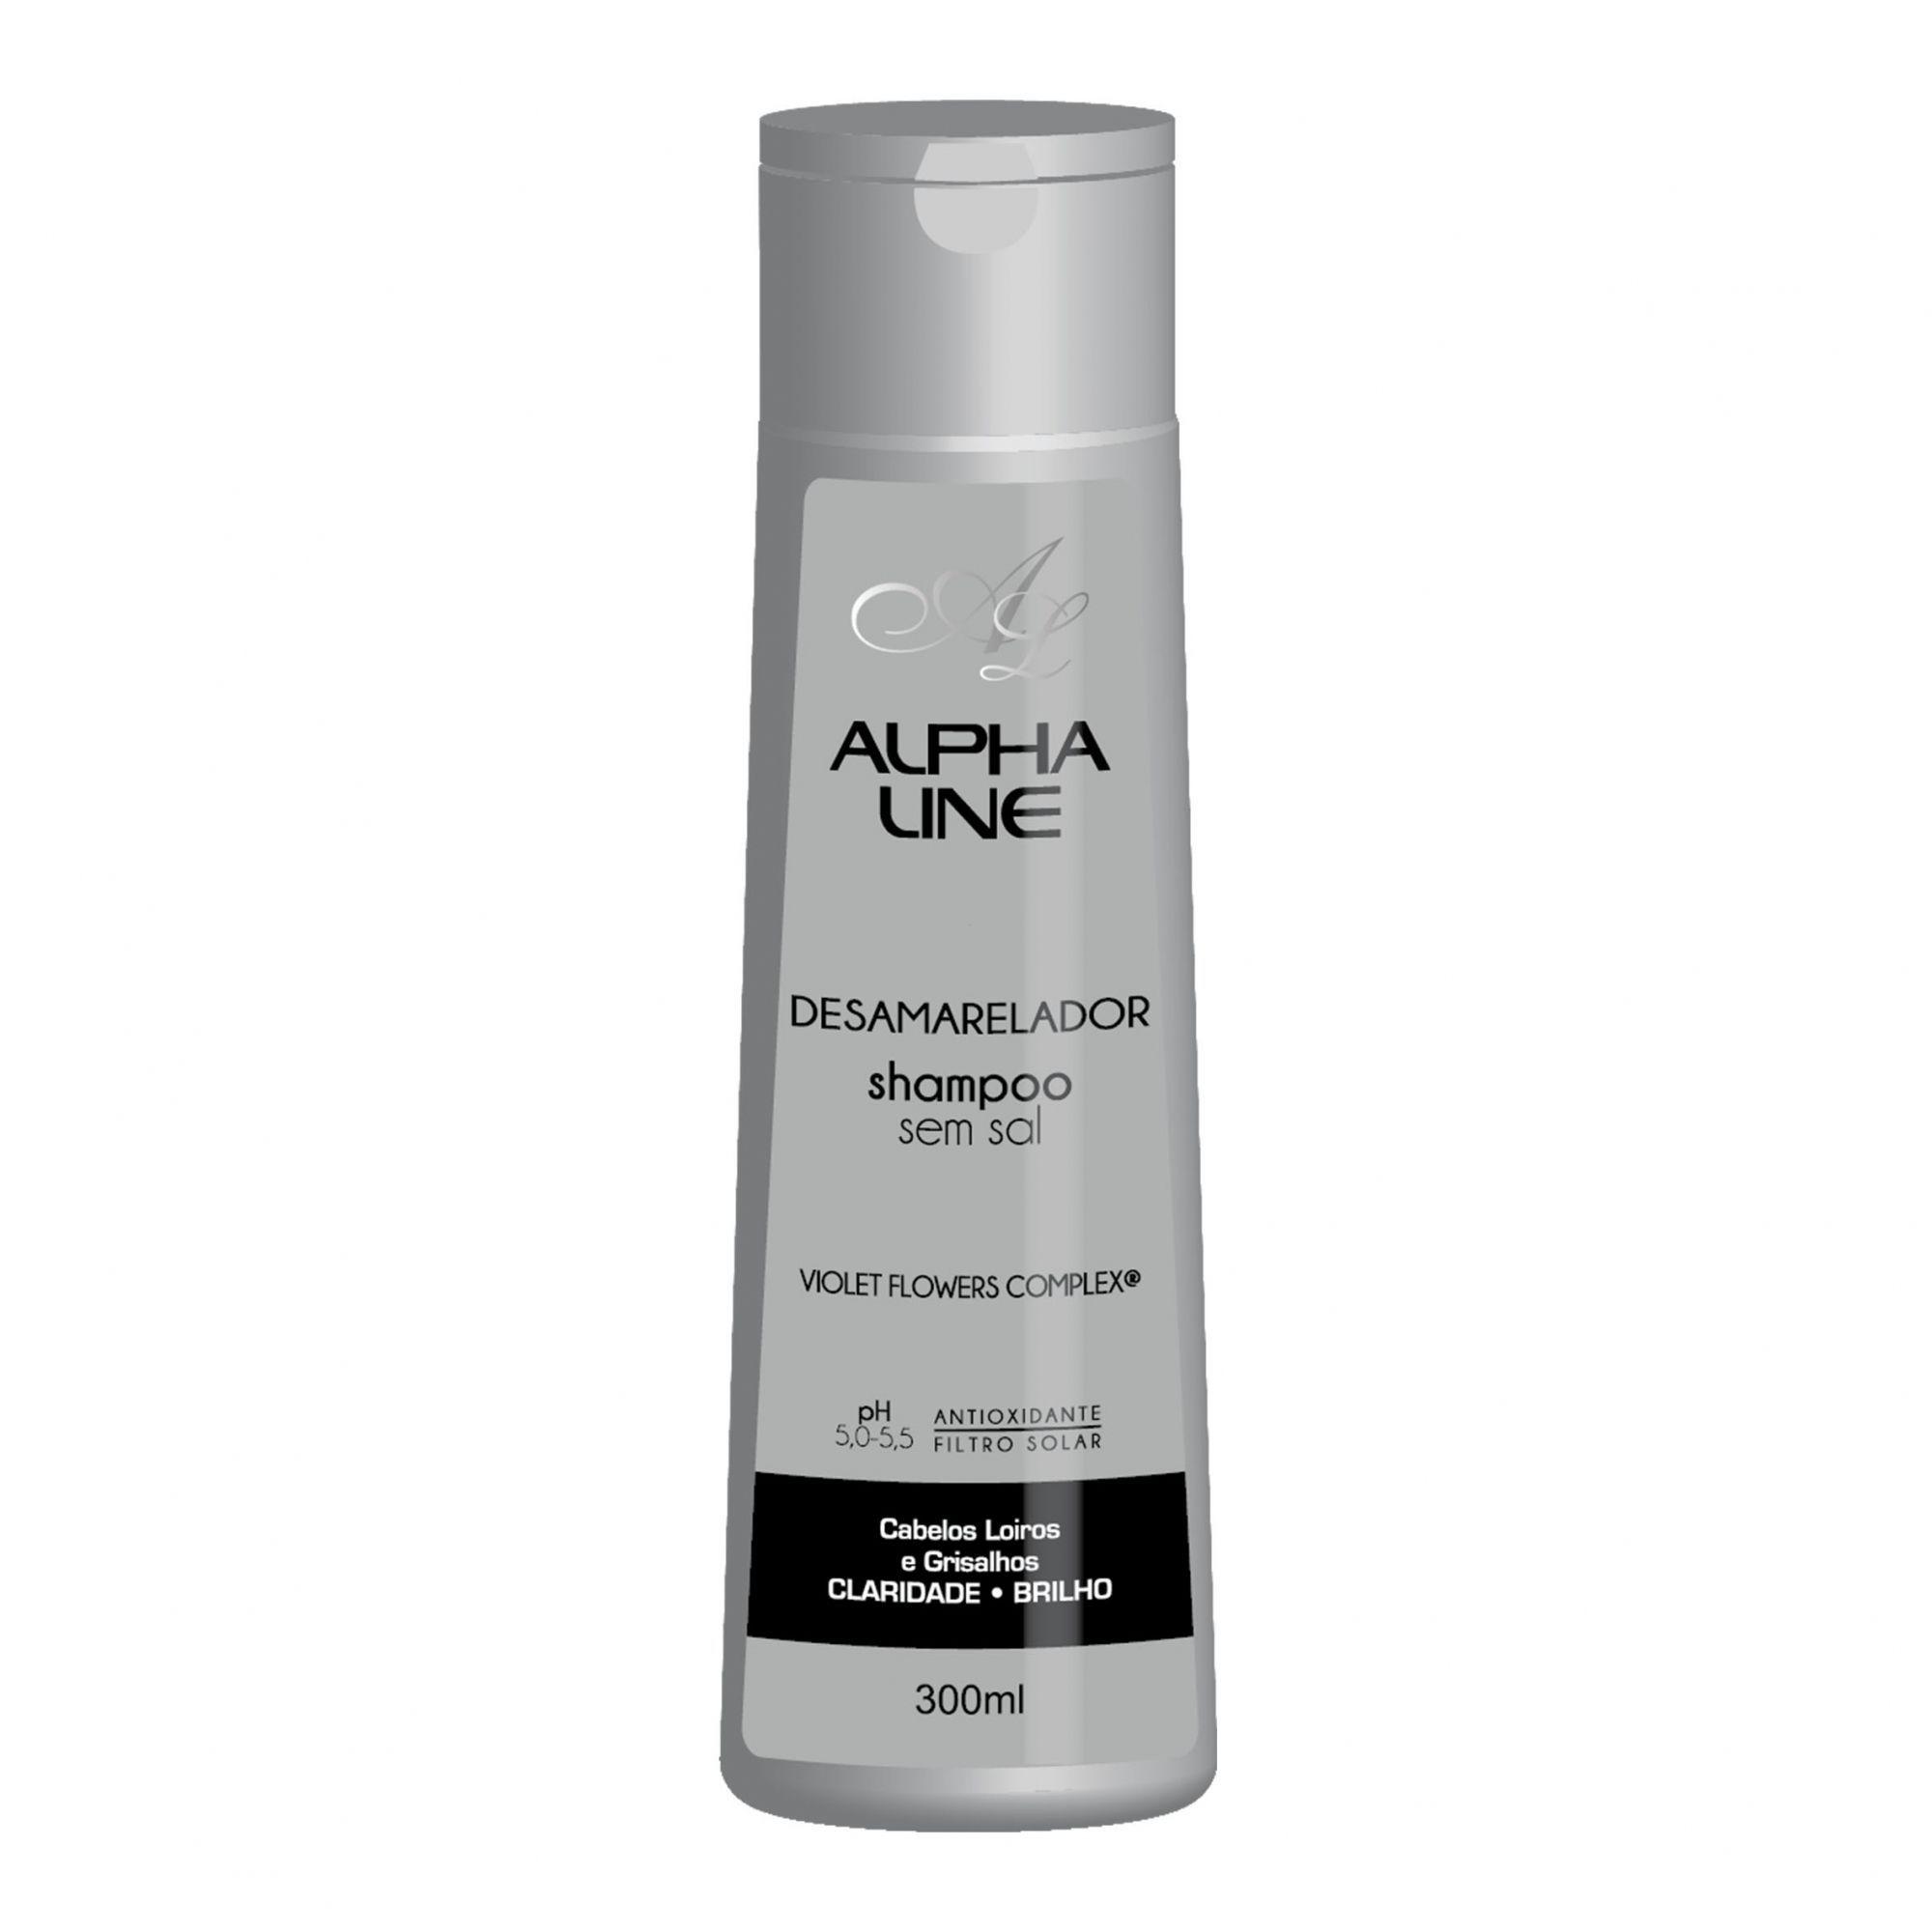 Shampoo Desamarelador  300ml Alpha Line